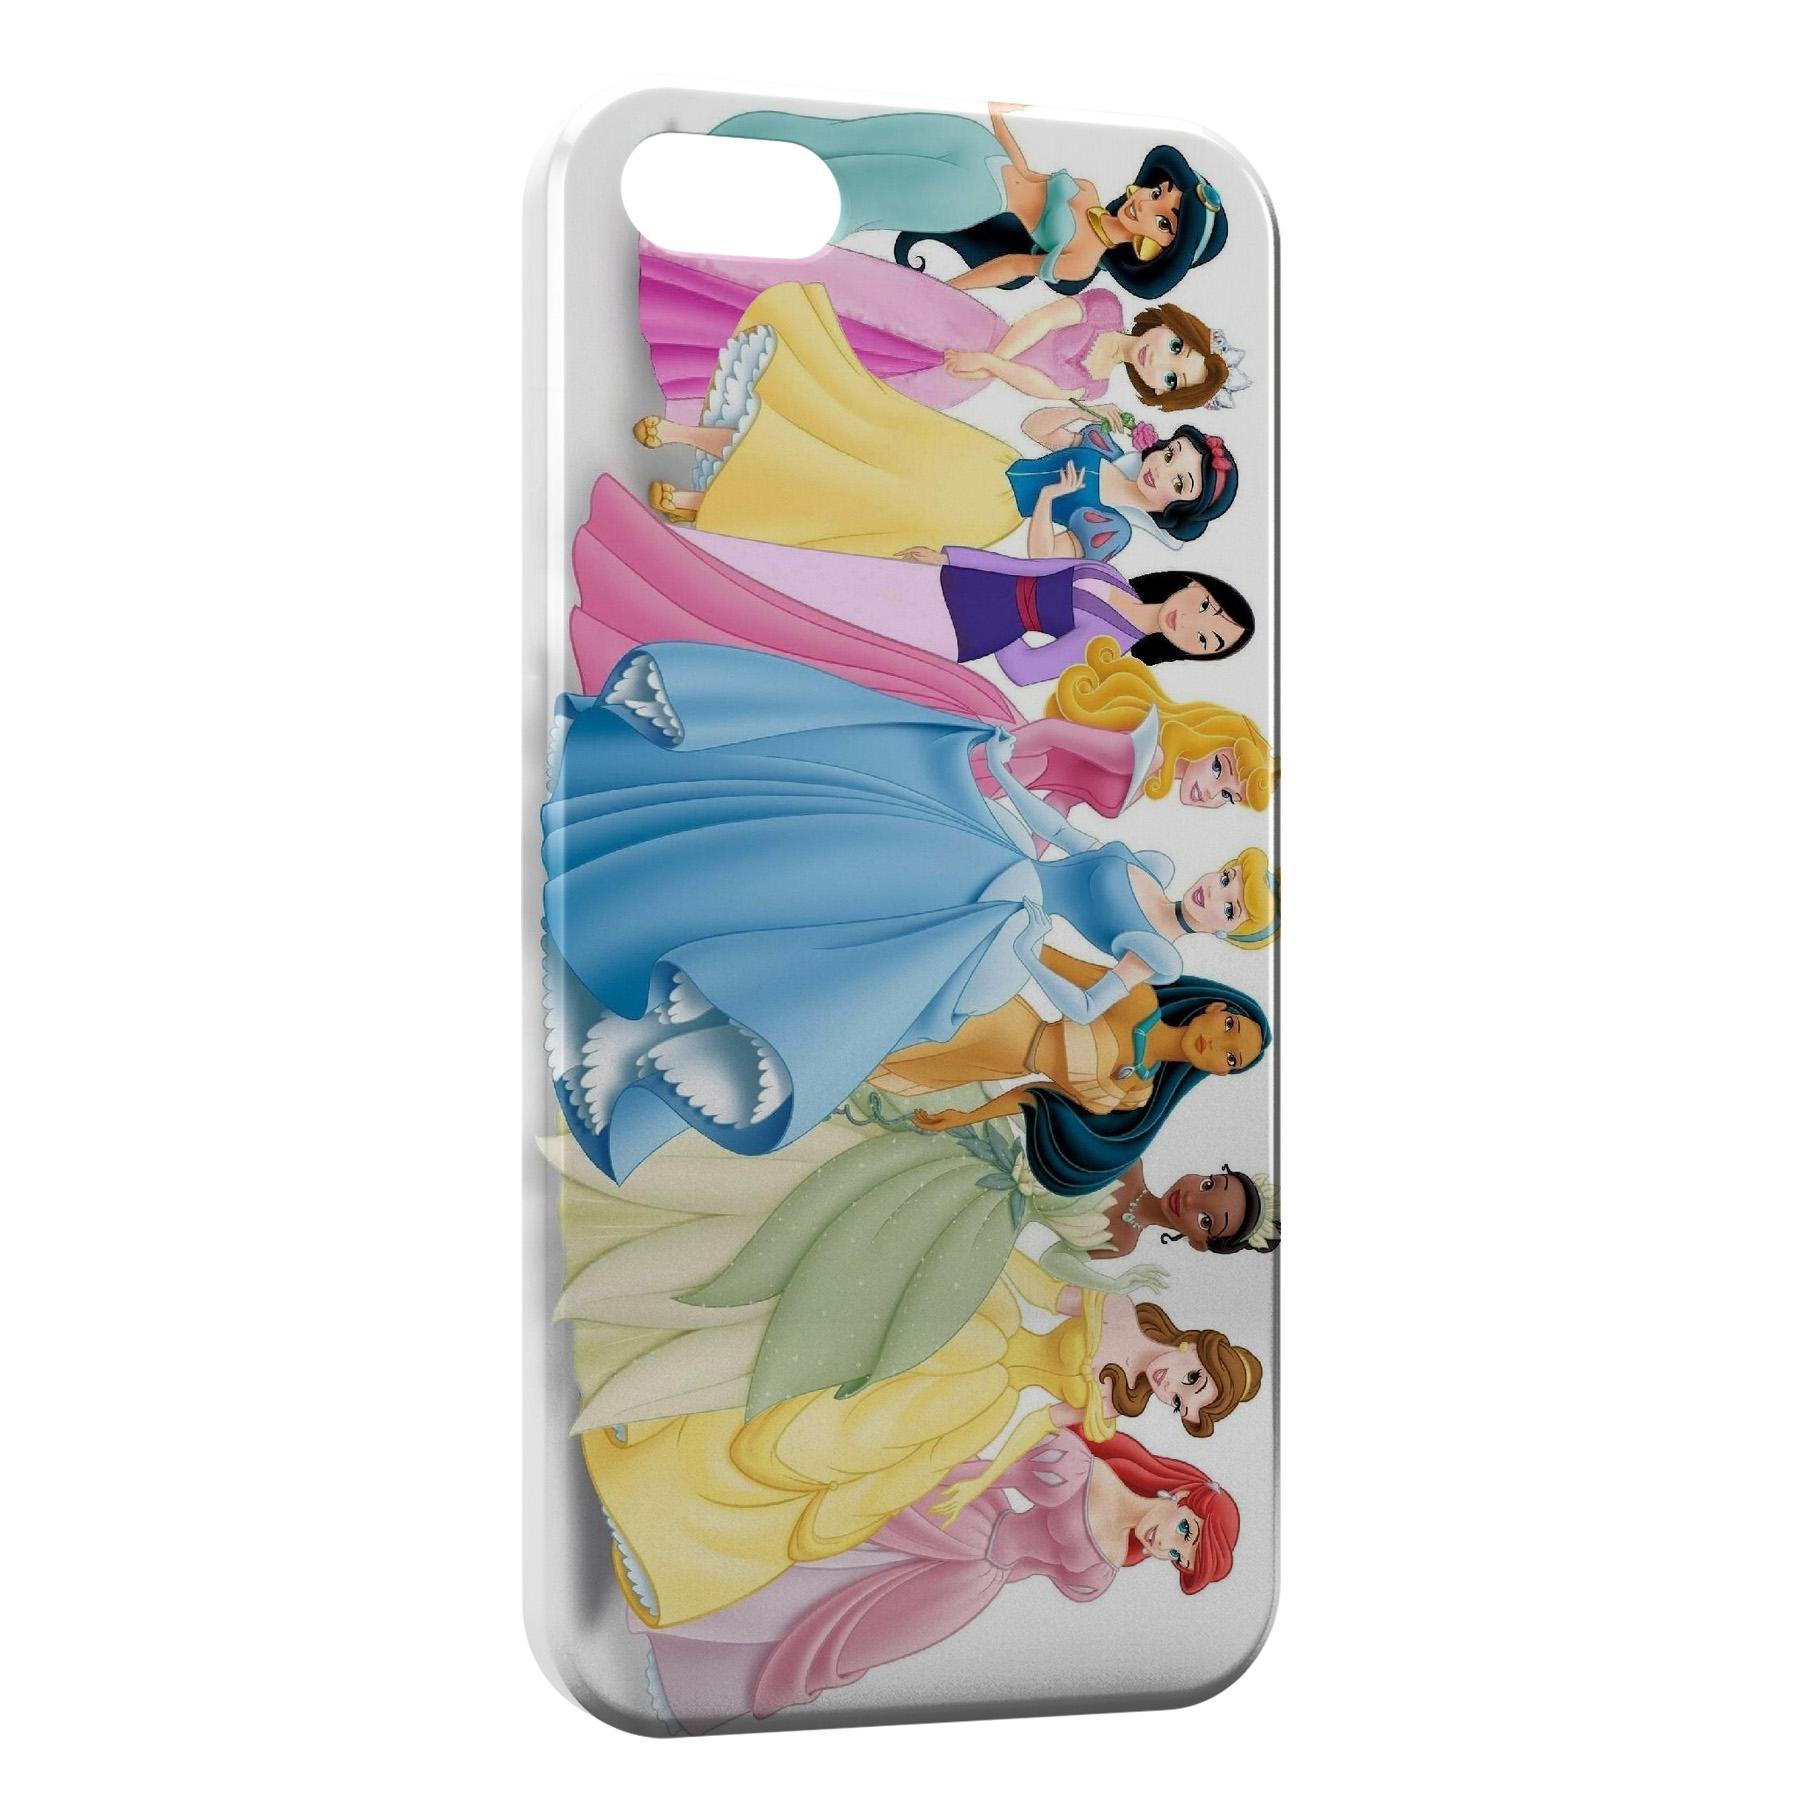 Coque iPhone 6 Plus 6S Plus Disney Princess